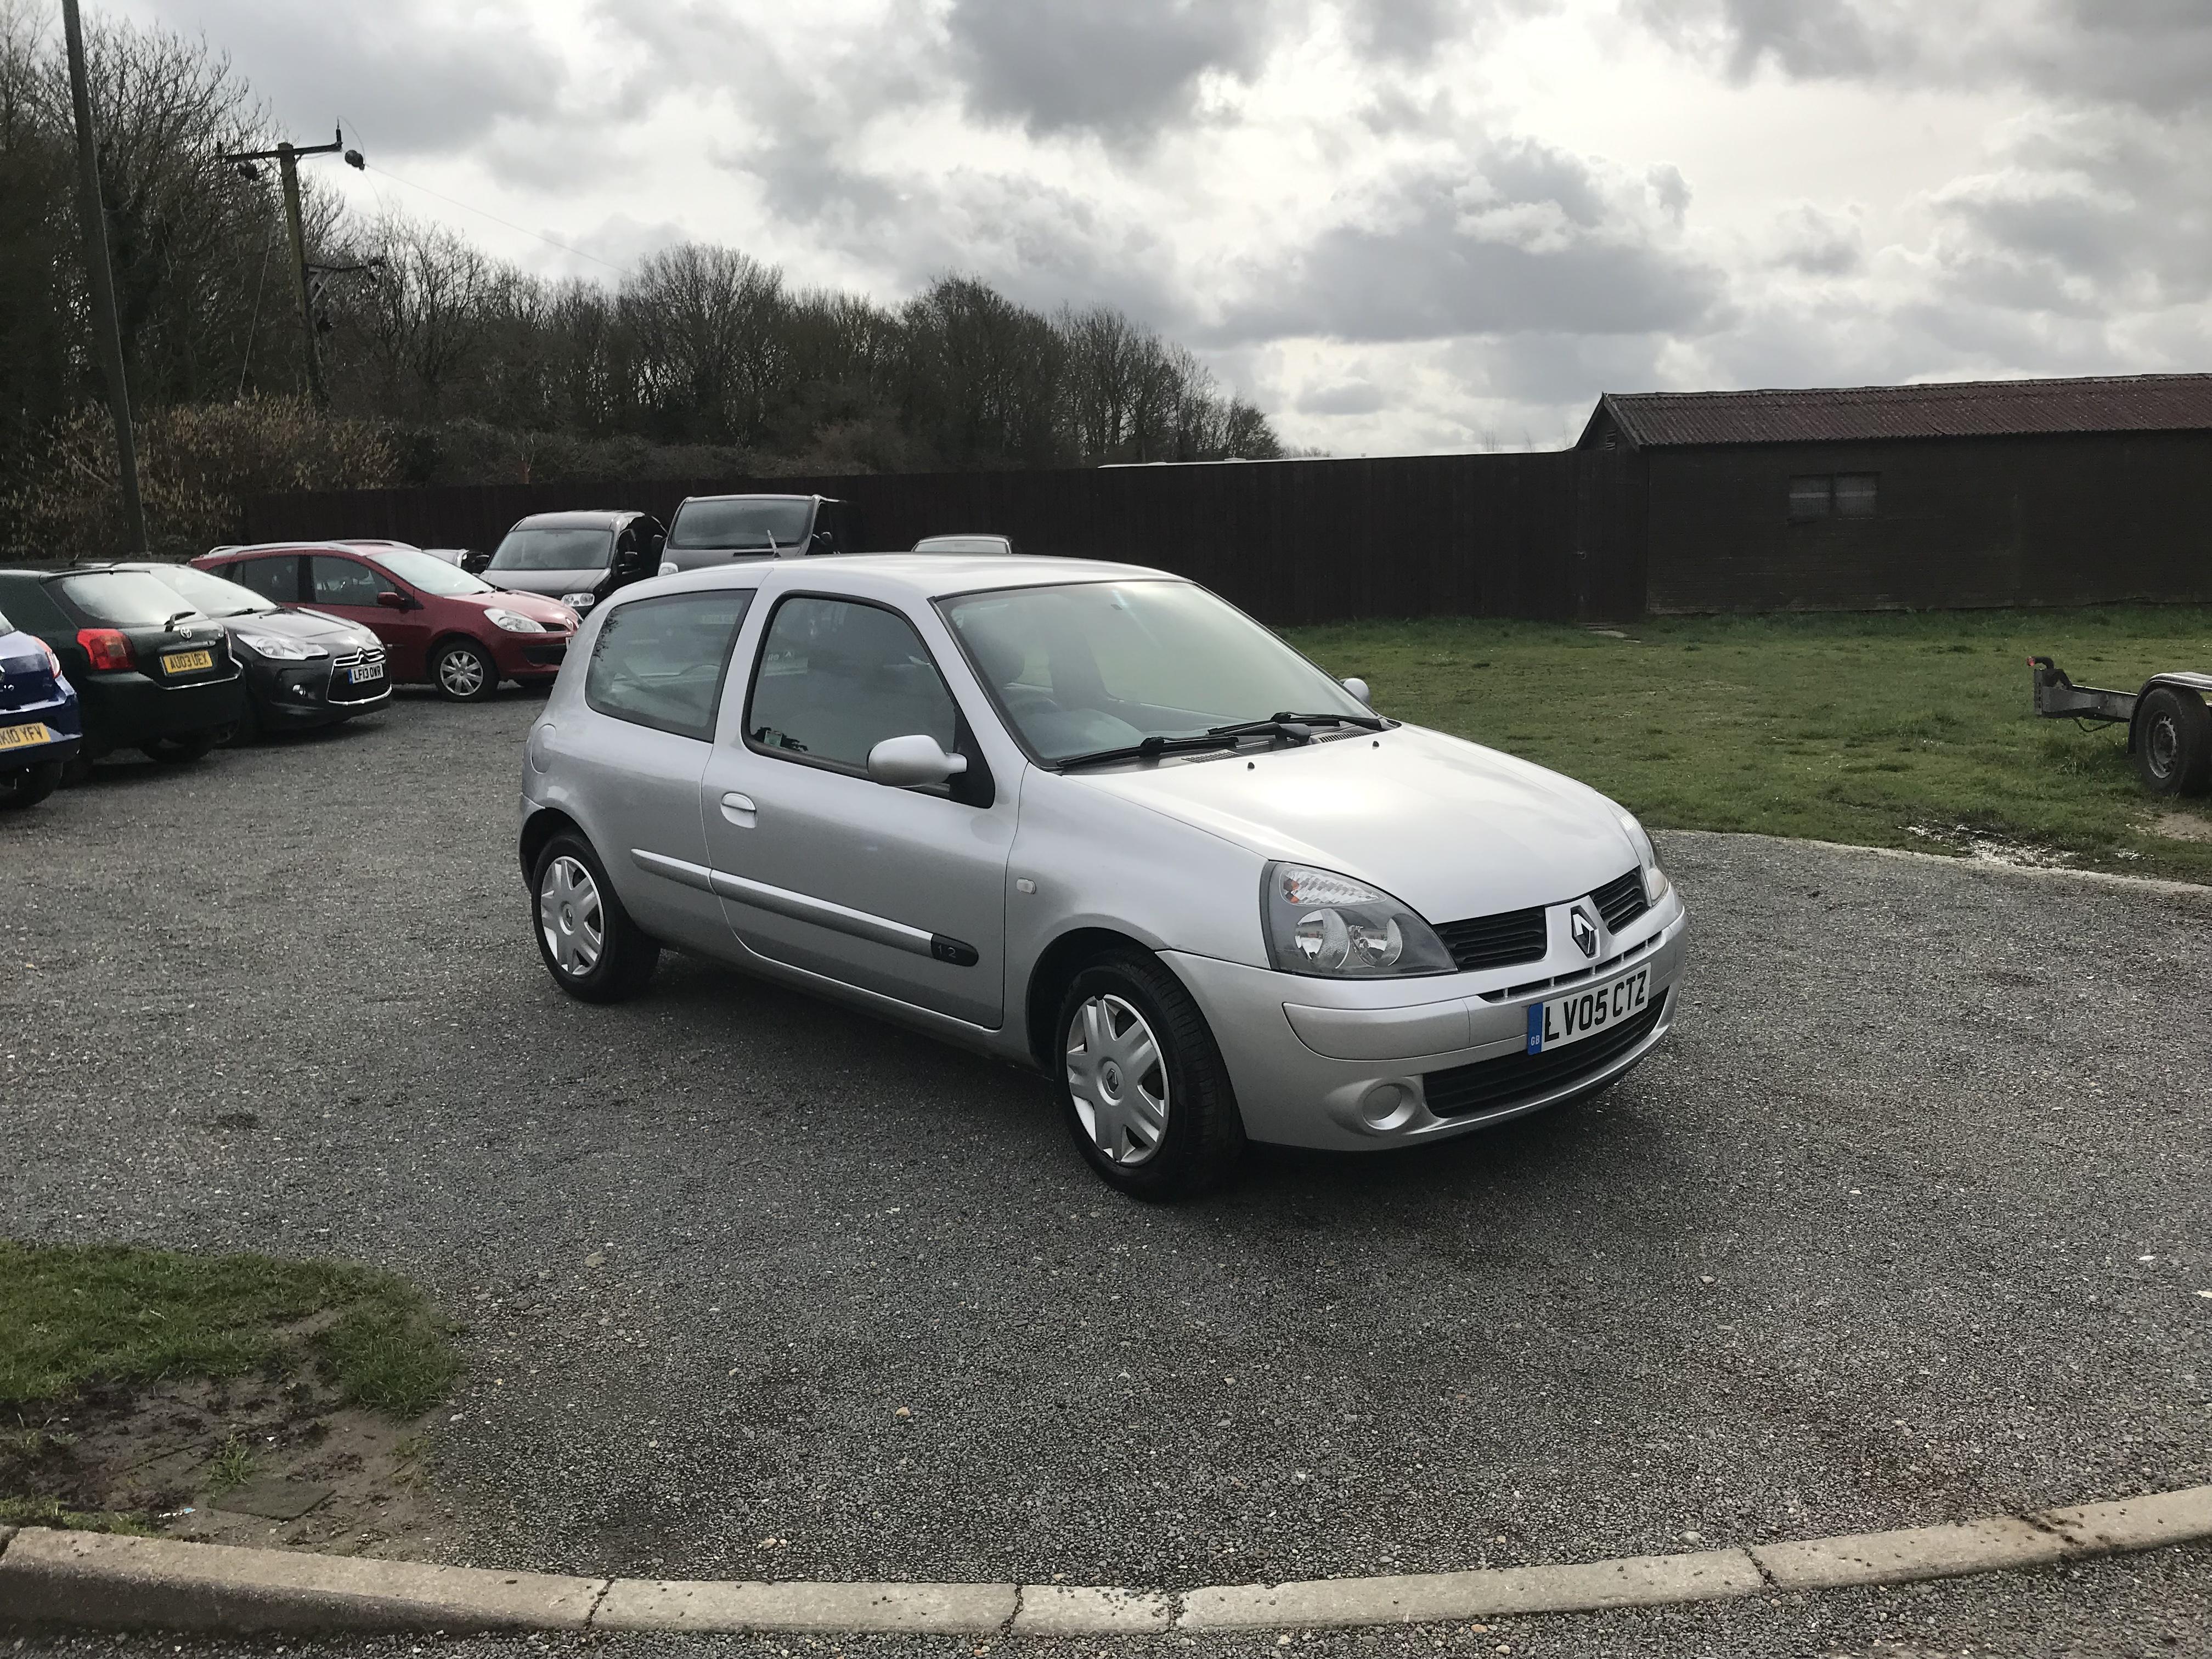 Renault Clio 1.2 Authentique (05 Reg) – Sold